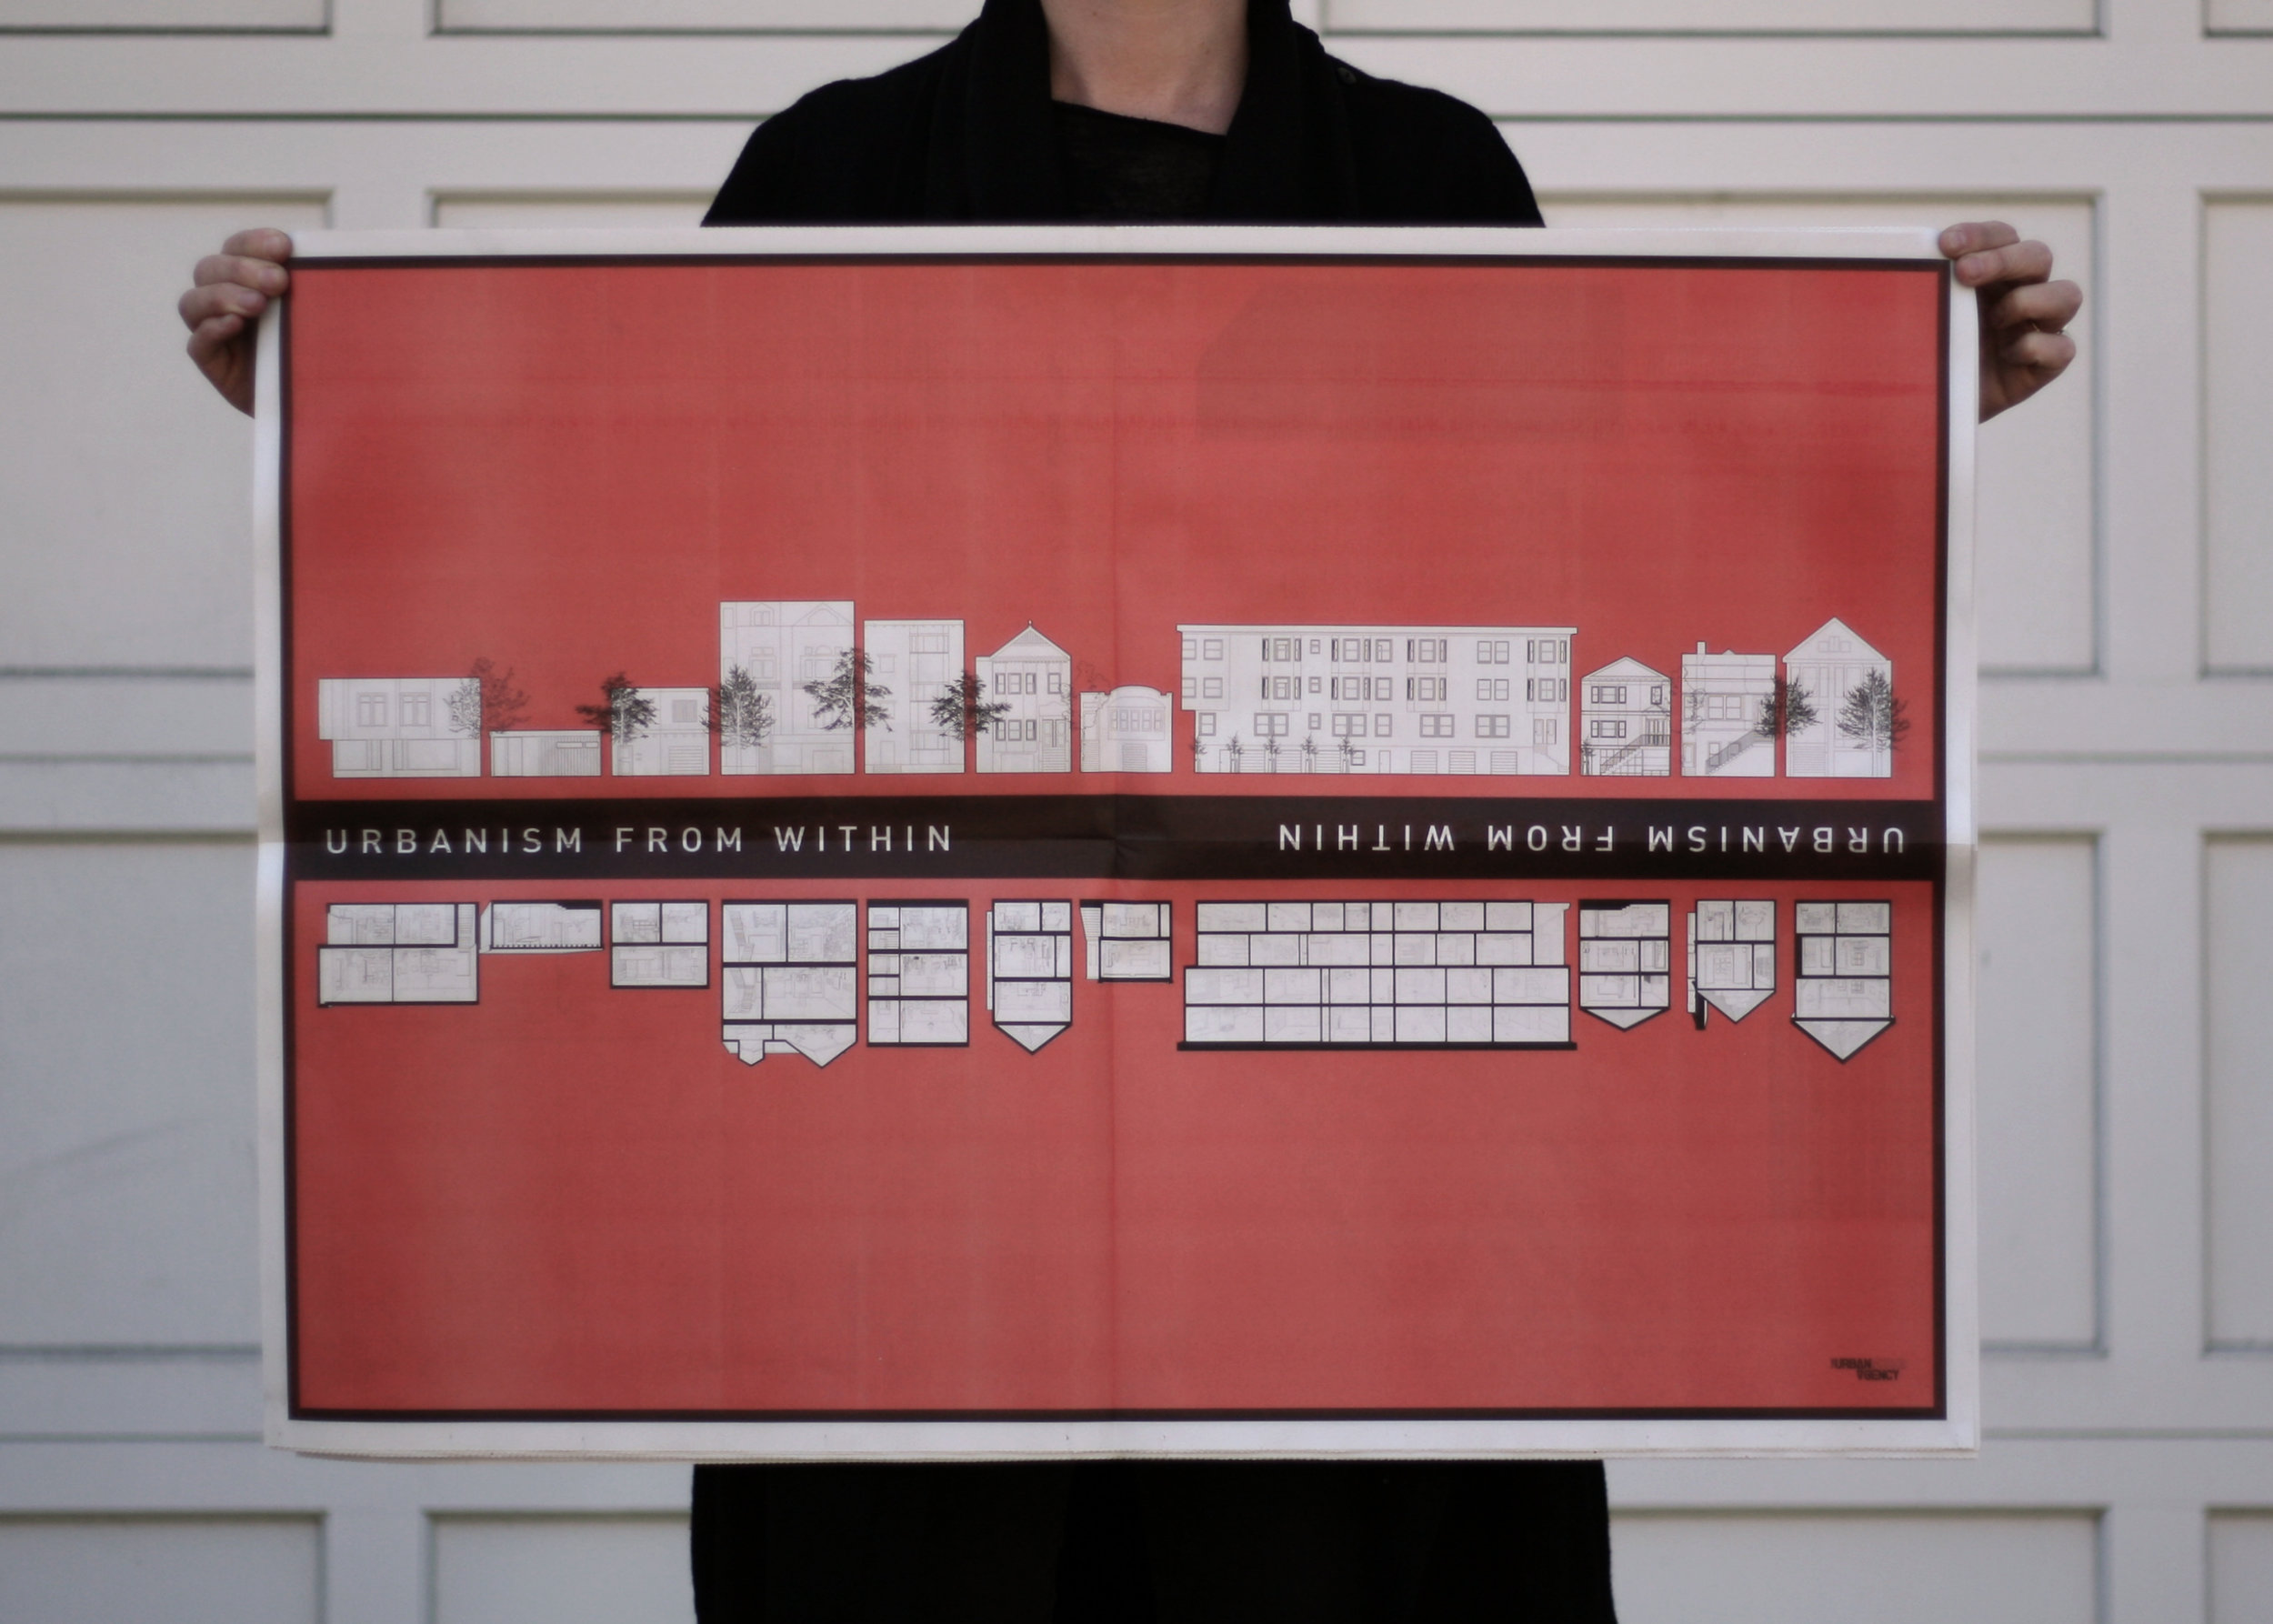 000_Poster (2).jpg